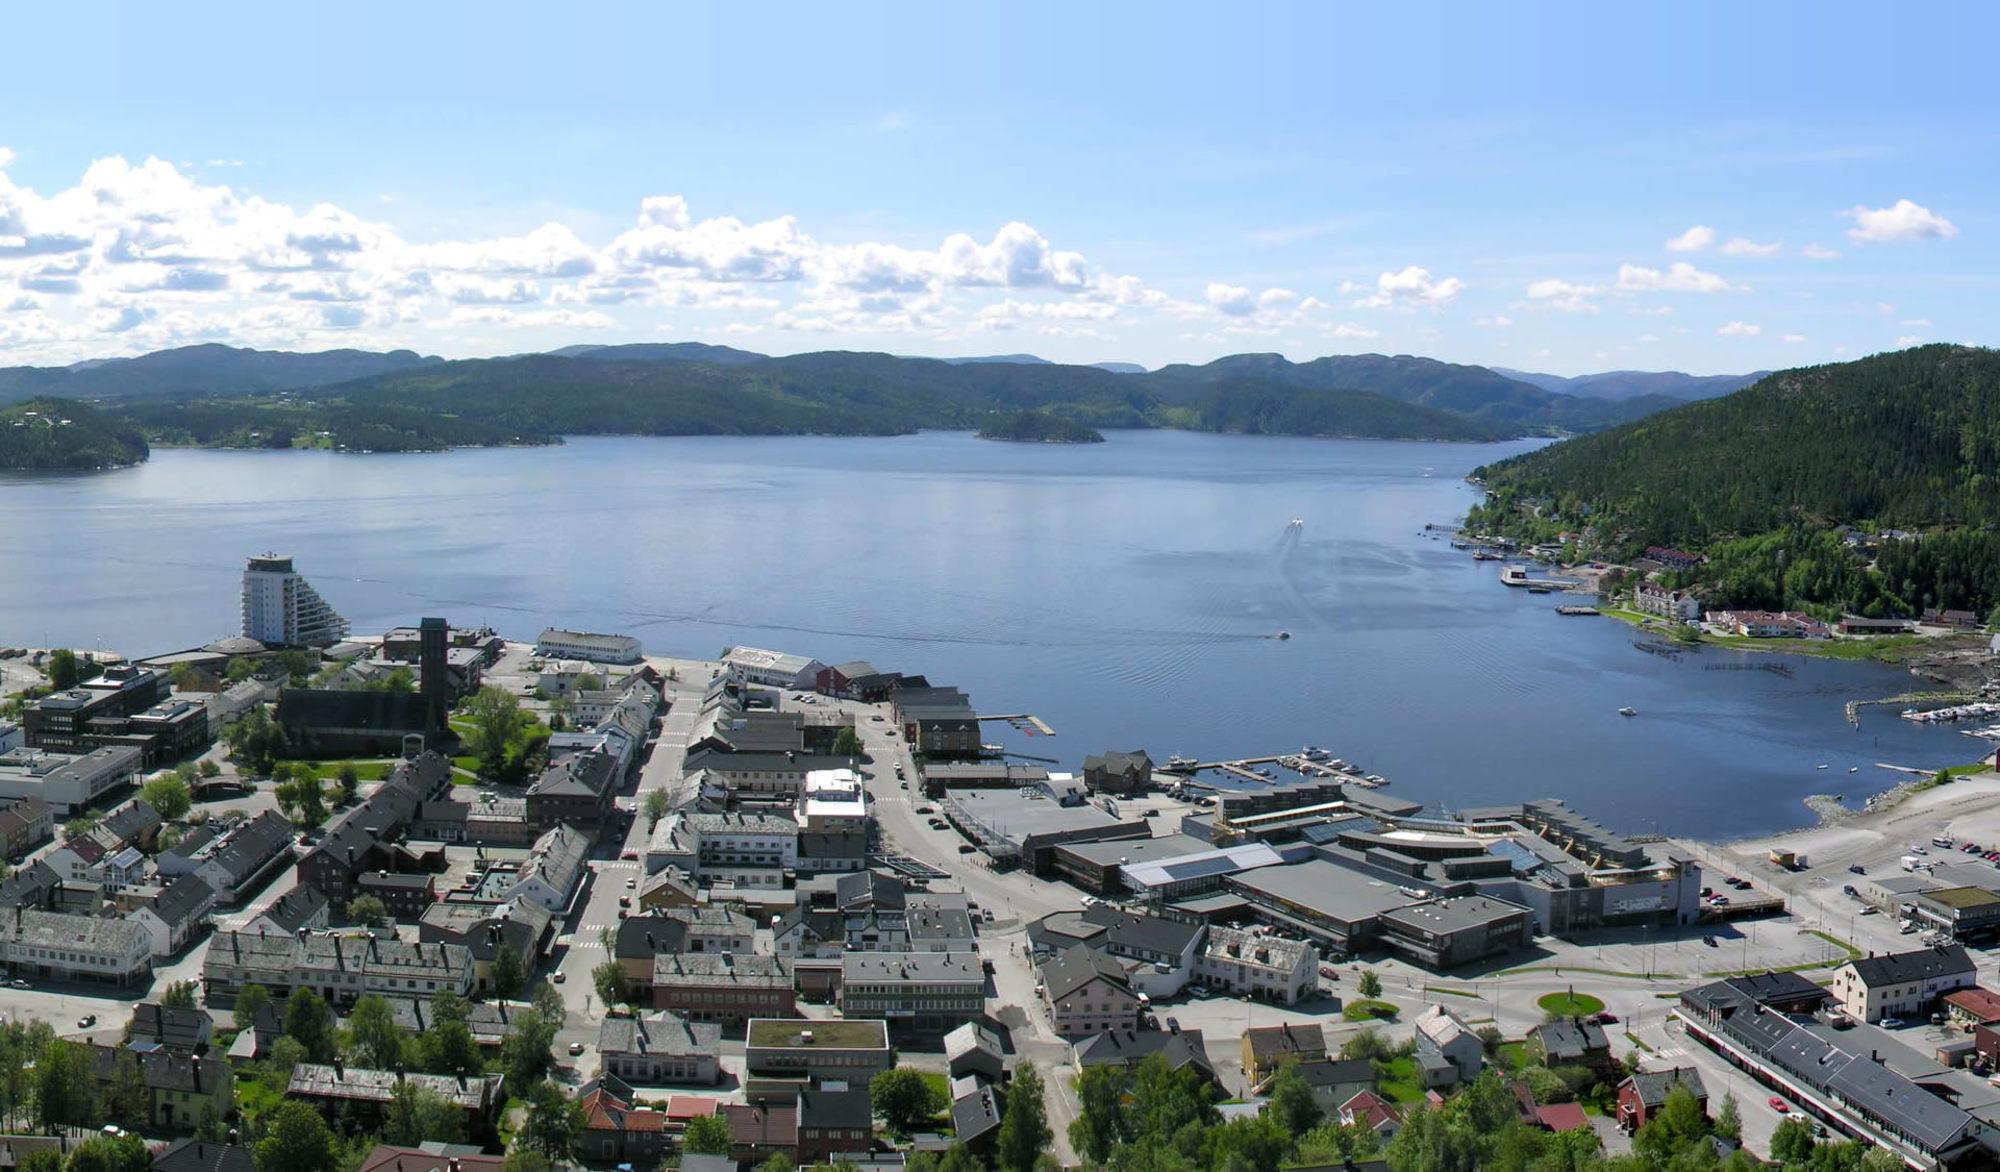 Du finner mange flinke hud og velvære salonger i Namsos-området.